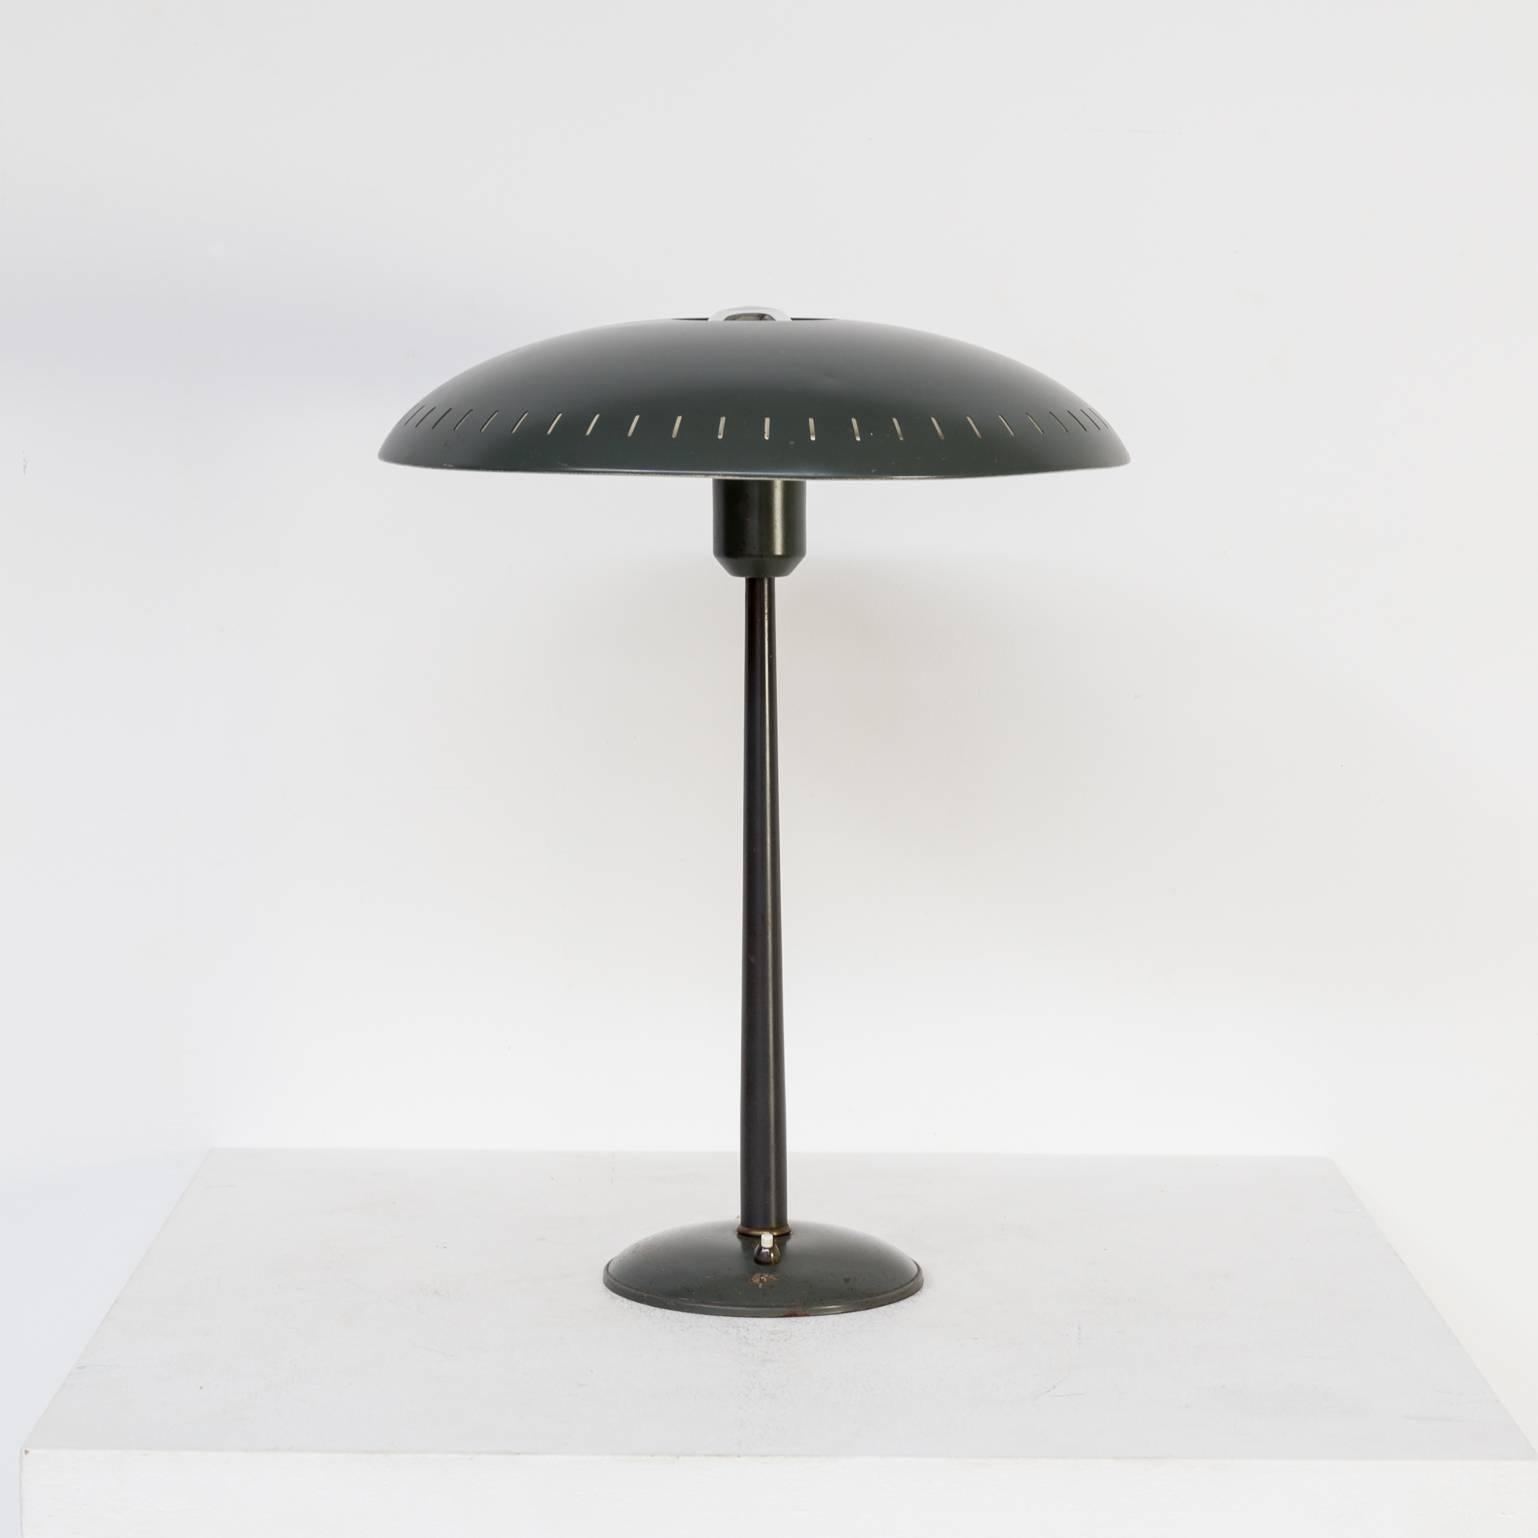 Mooihuis 2018 » philips table lamp   Mooihuis